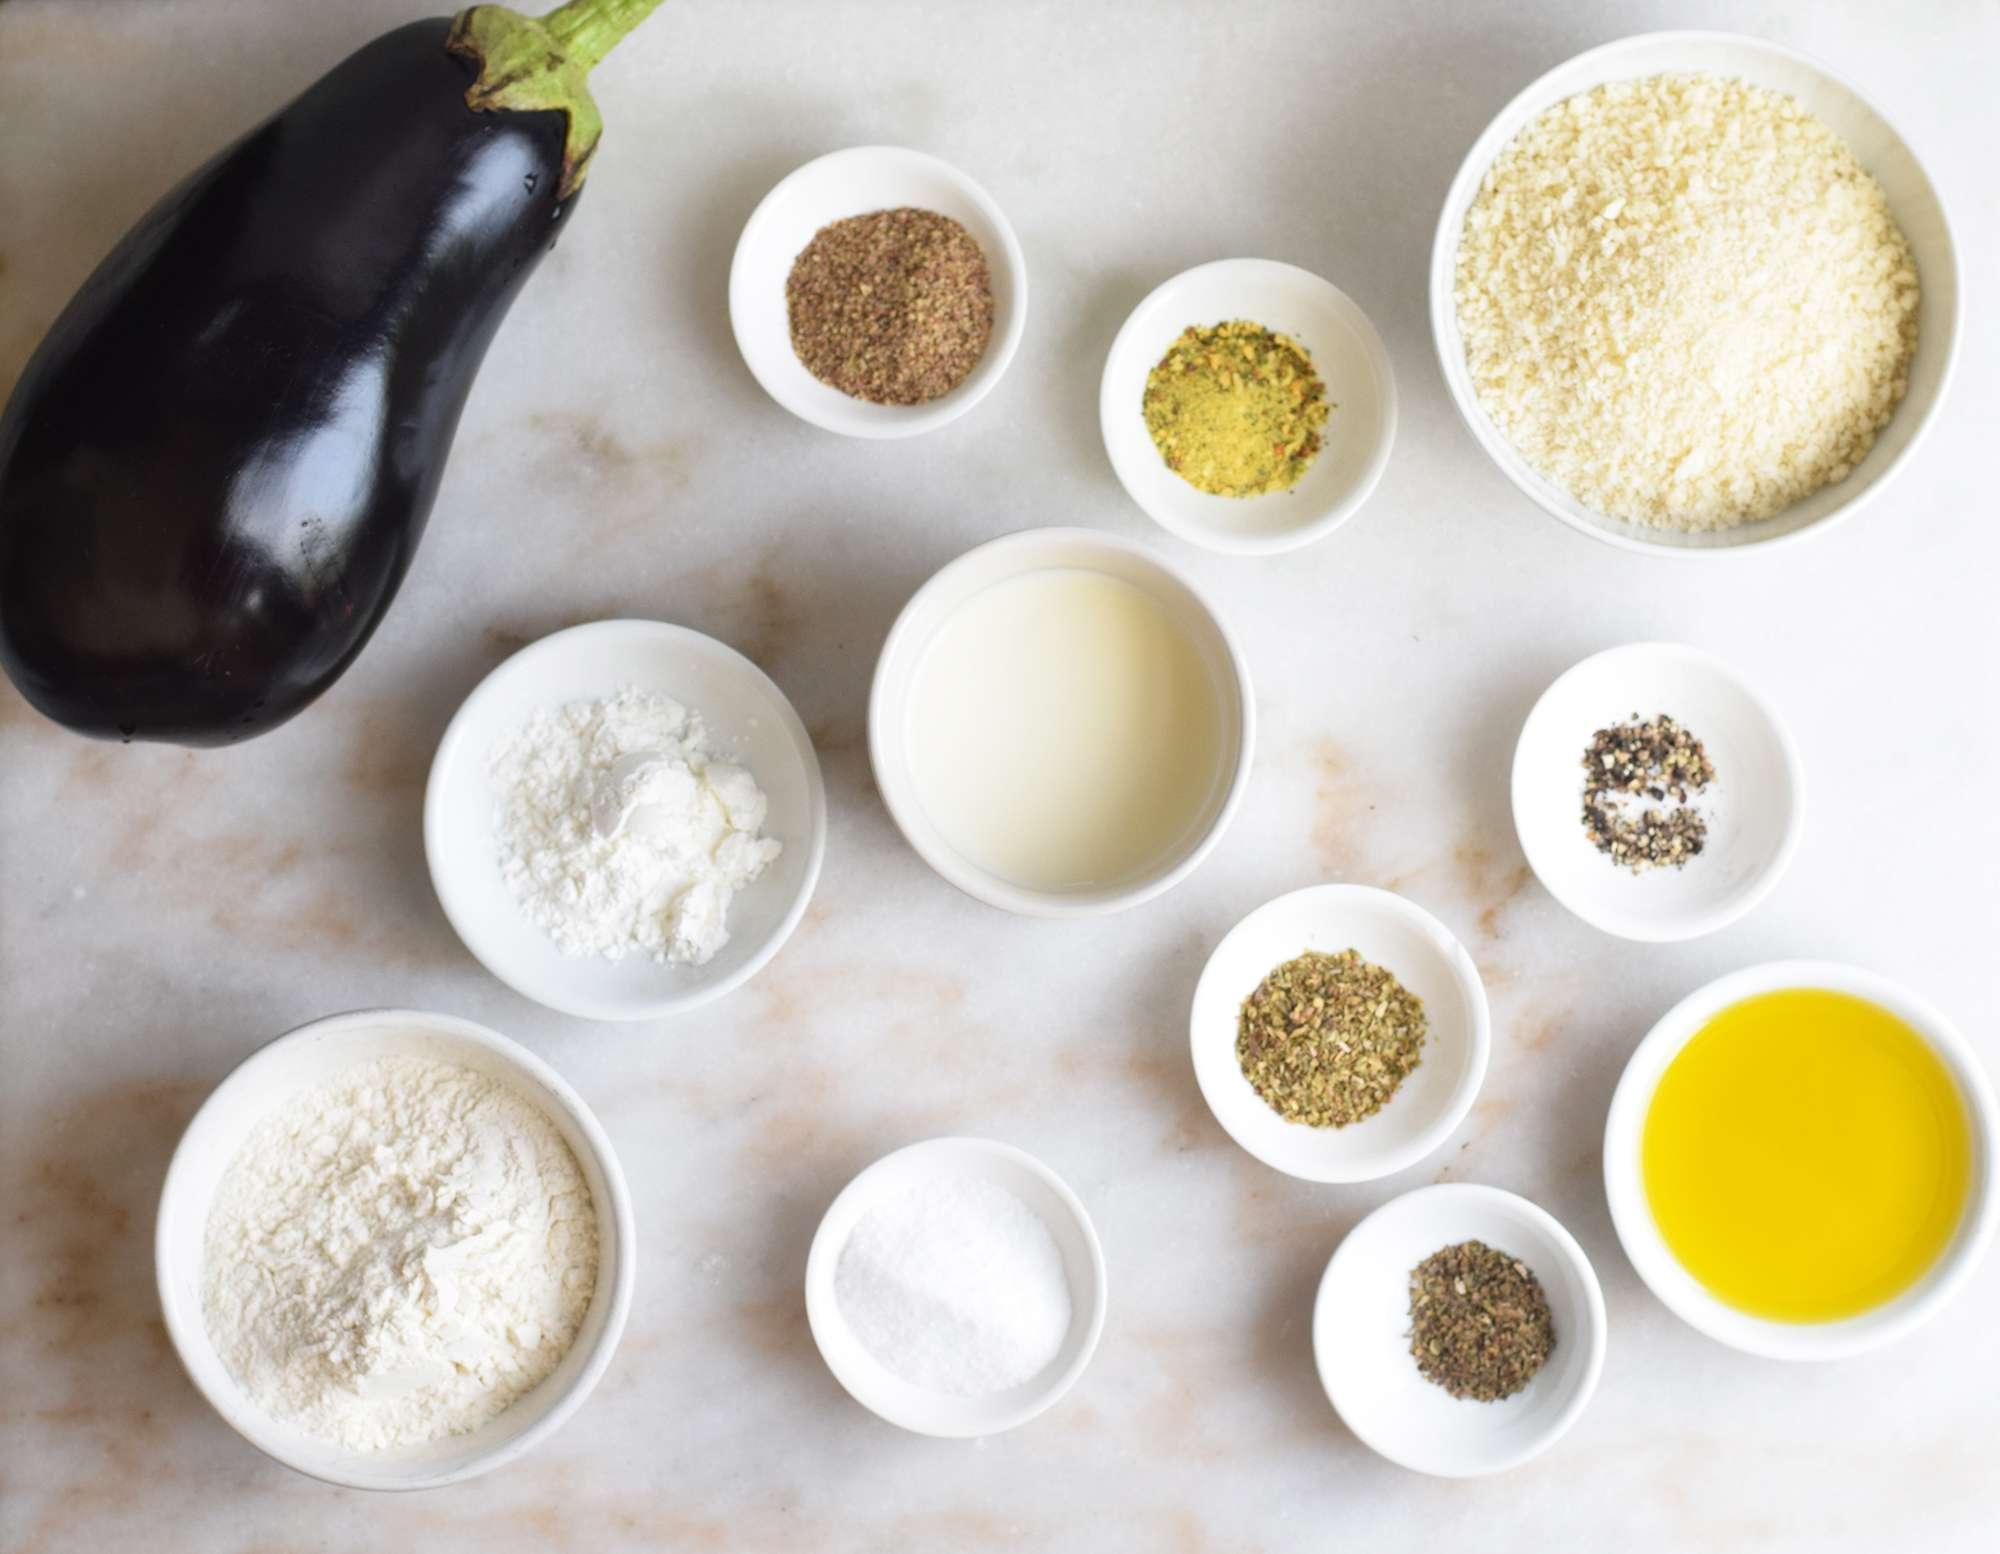 vegan eggplant parmesan ingredients